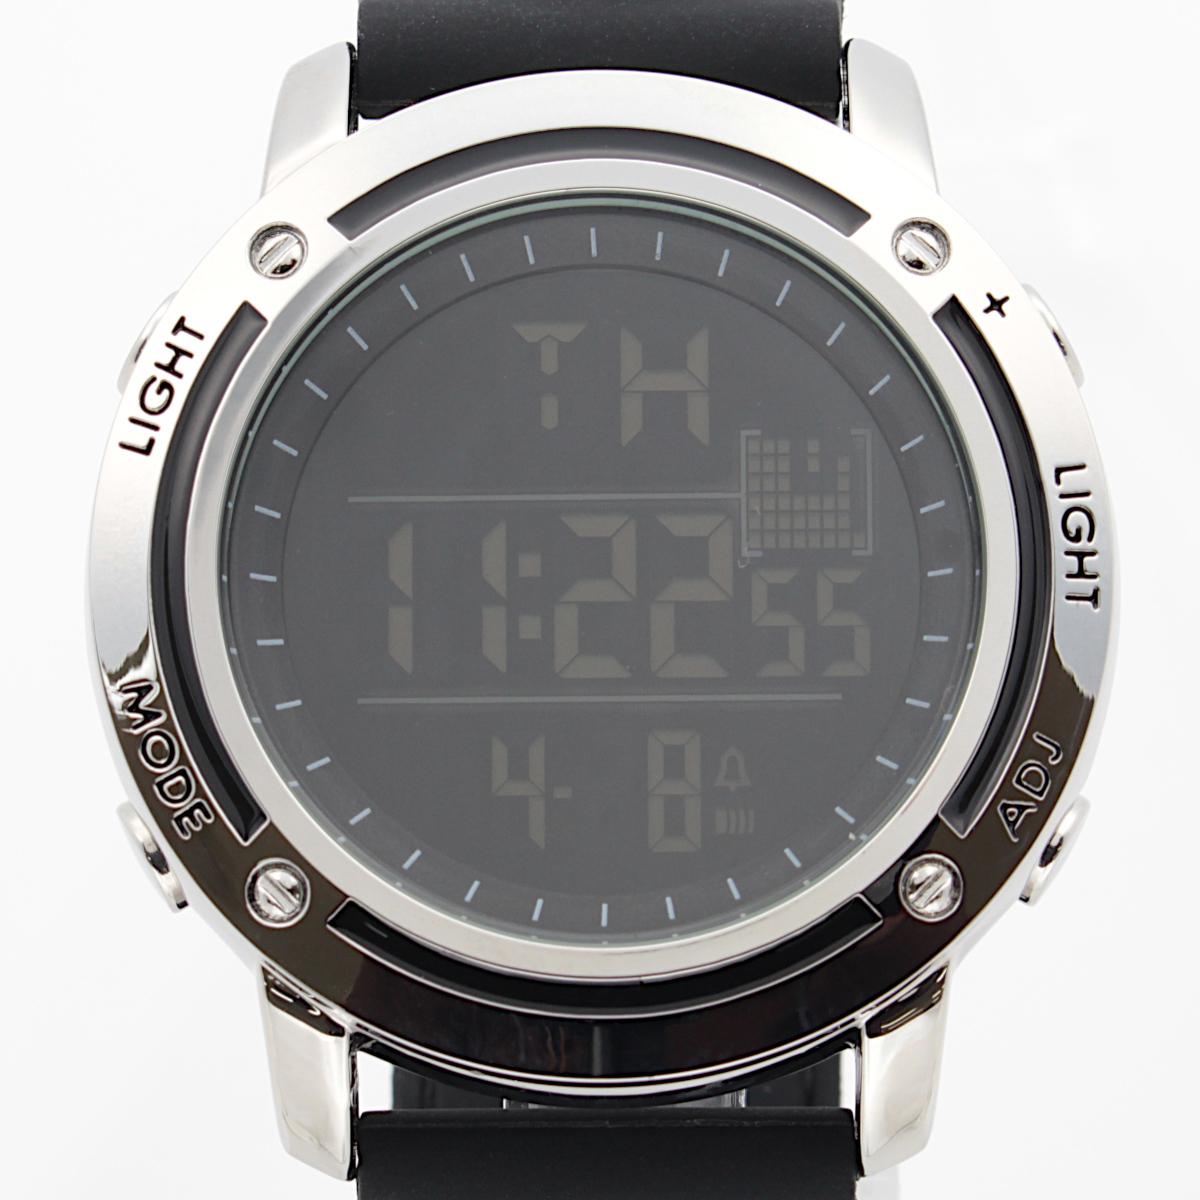 【1円開始】画面がでかくて見やすい!! 目に優しい腕時計! 今の腕時計が小さすぎて不満がある方必見!DWG WATCH メンズ 腕時計 / N0660_画像1